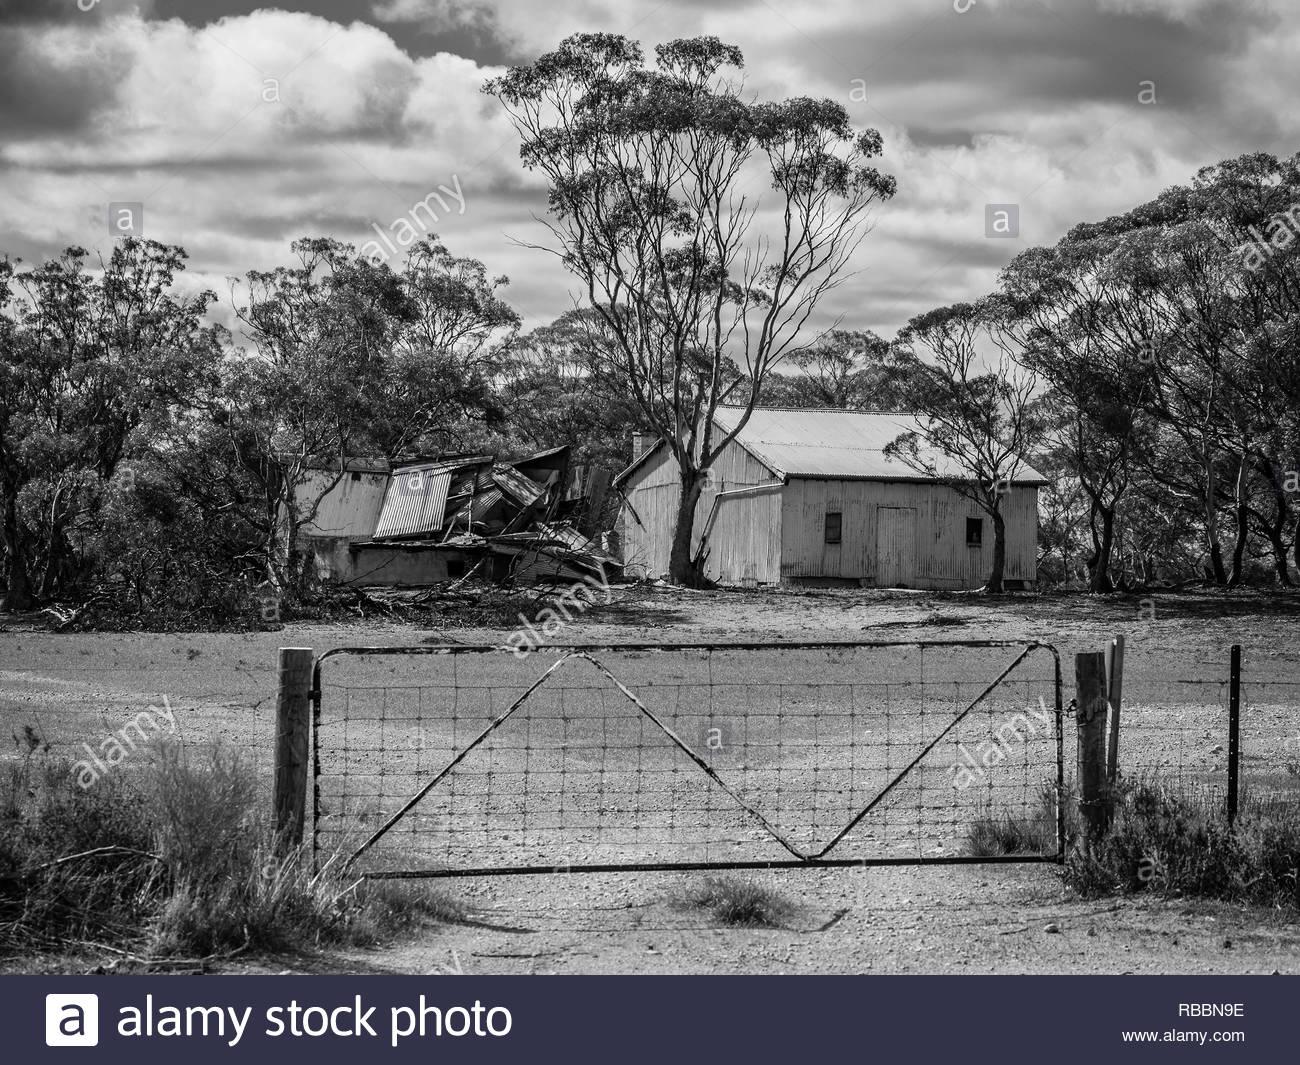 Burned Ruins and Tin Residence. Riverland, SA - Black and White - Stock Image